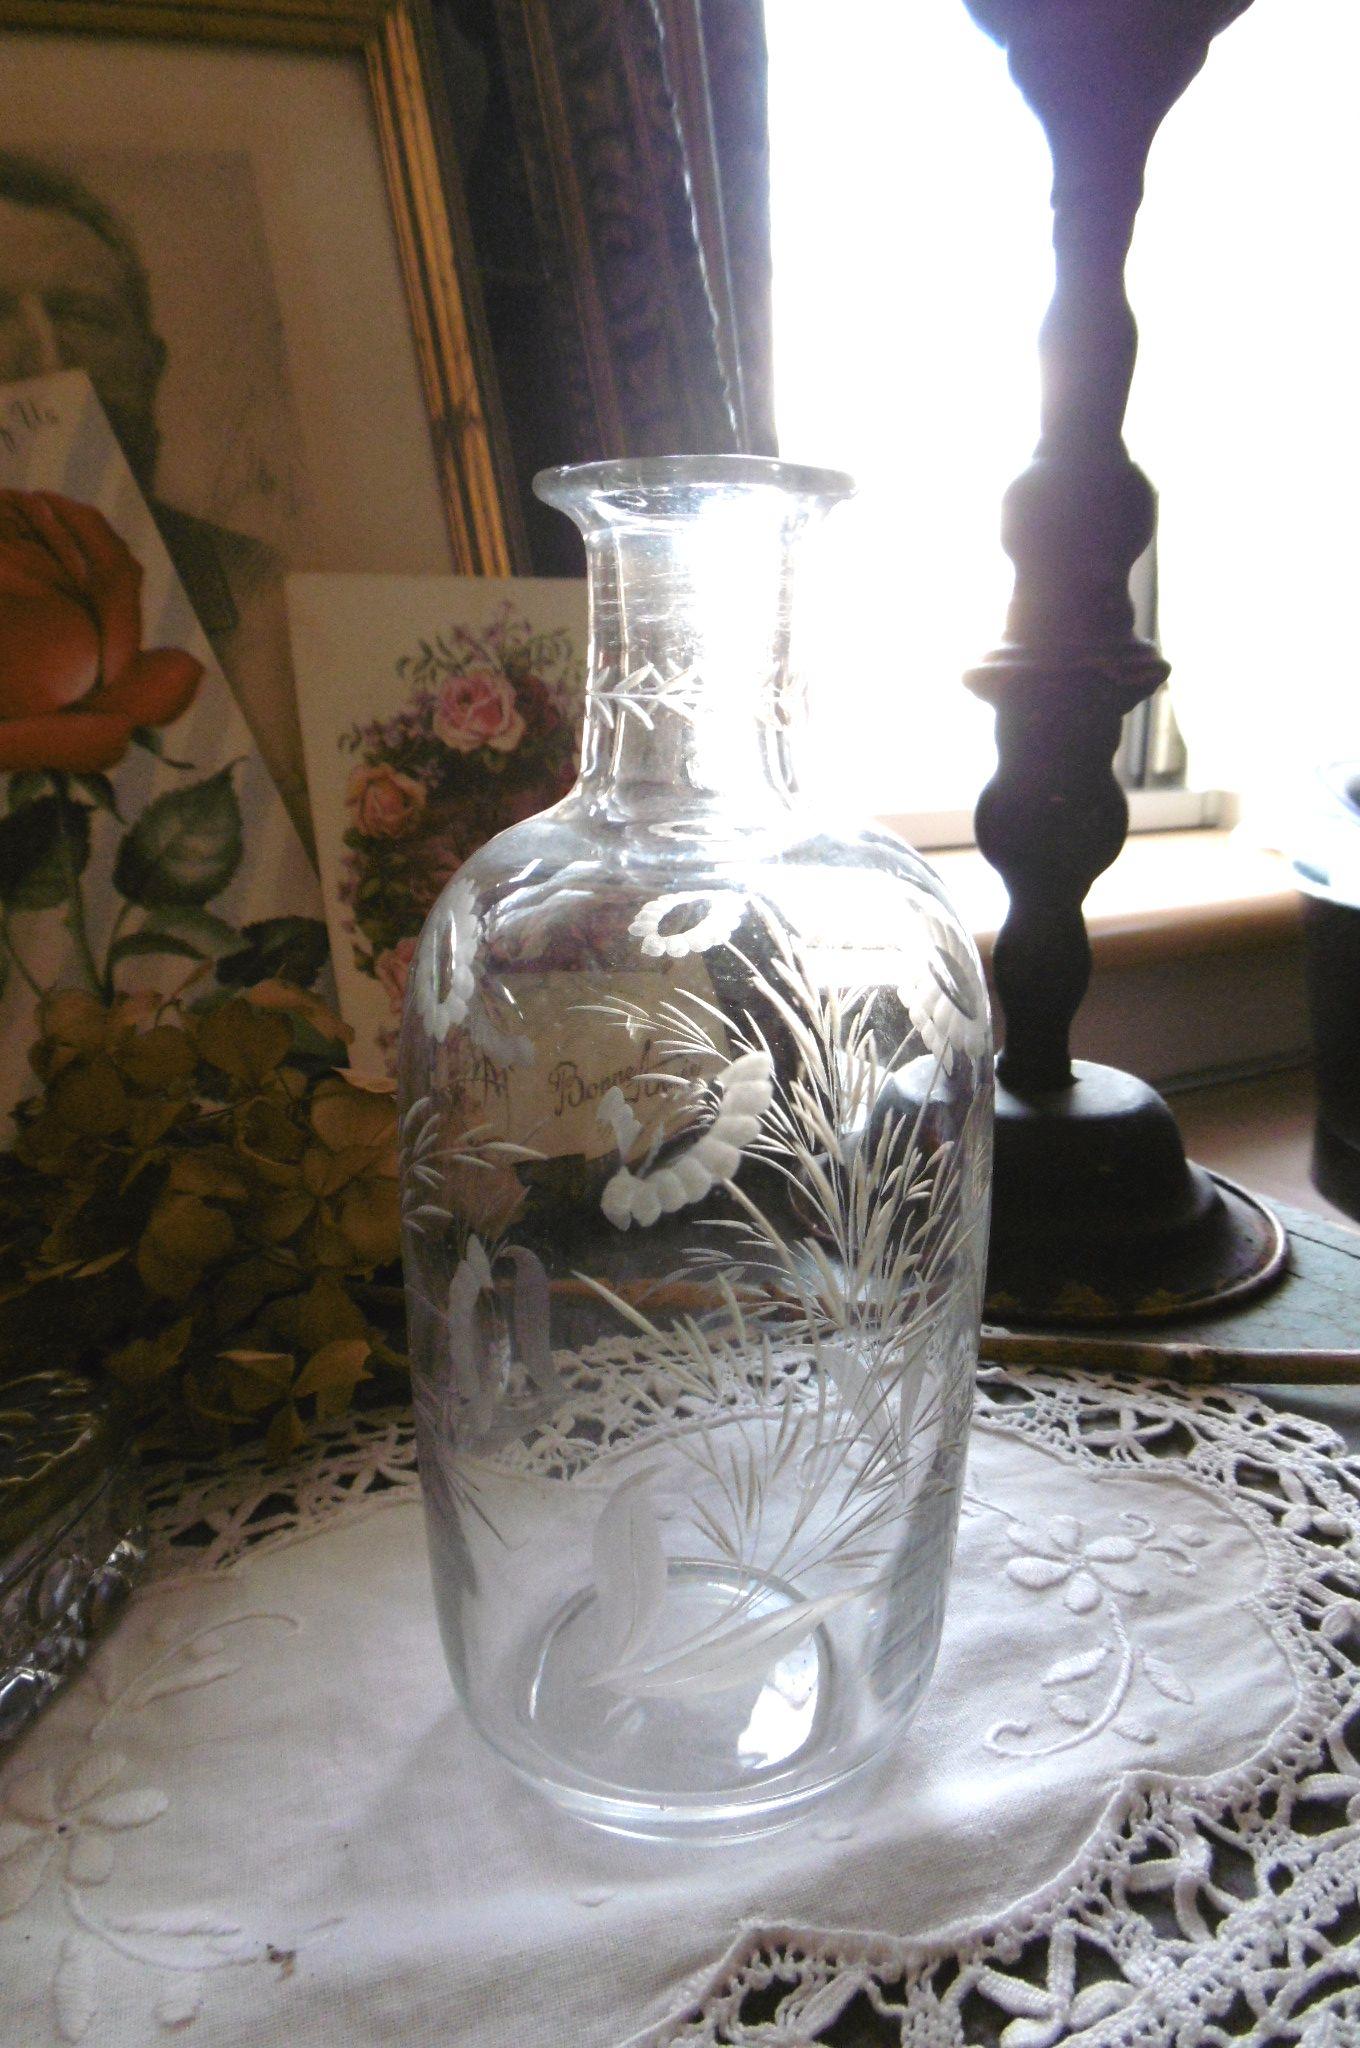 フランスアンティーク お花のエッチンググラス一輪挿し